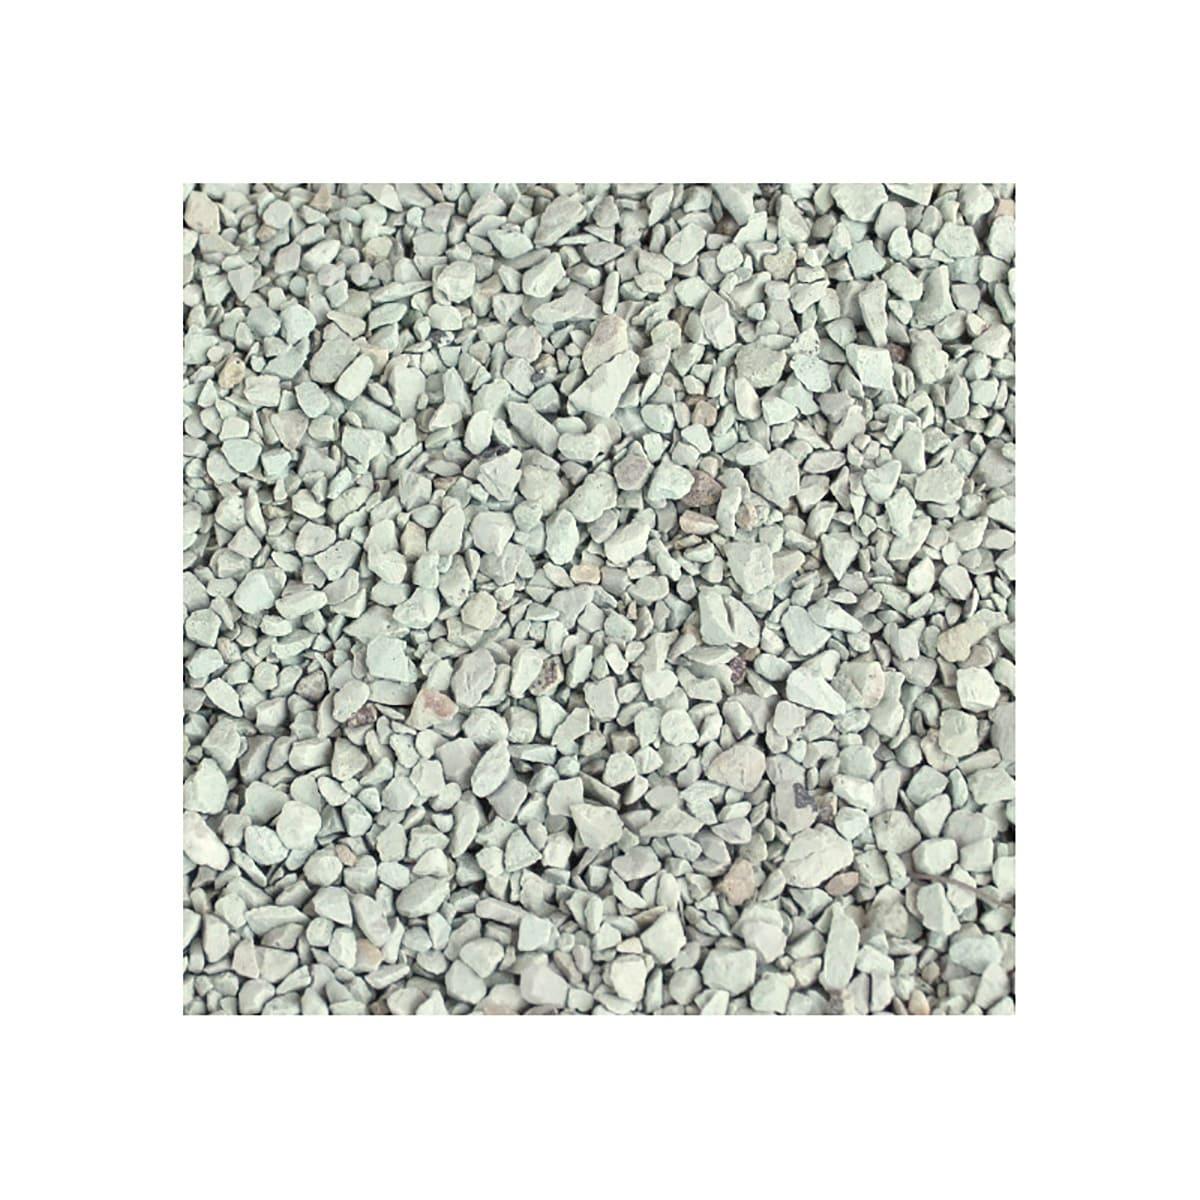 Seachem Zeolite 250ml - Liga amônia e metais pesados